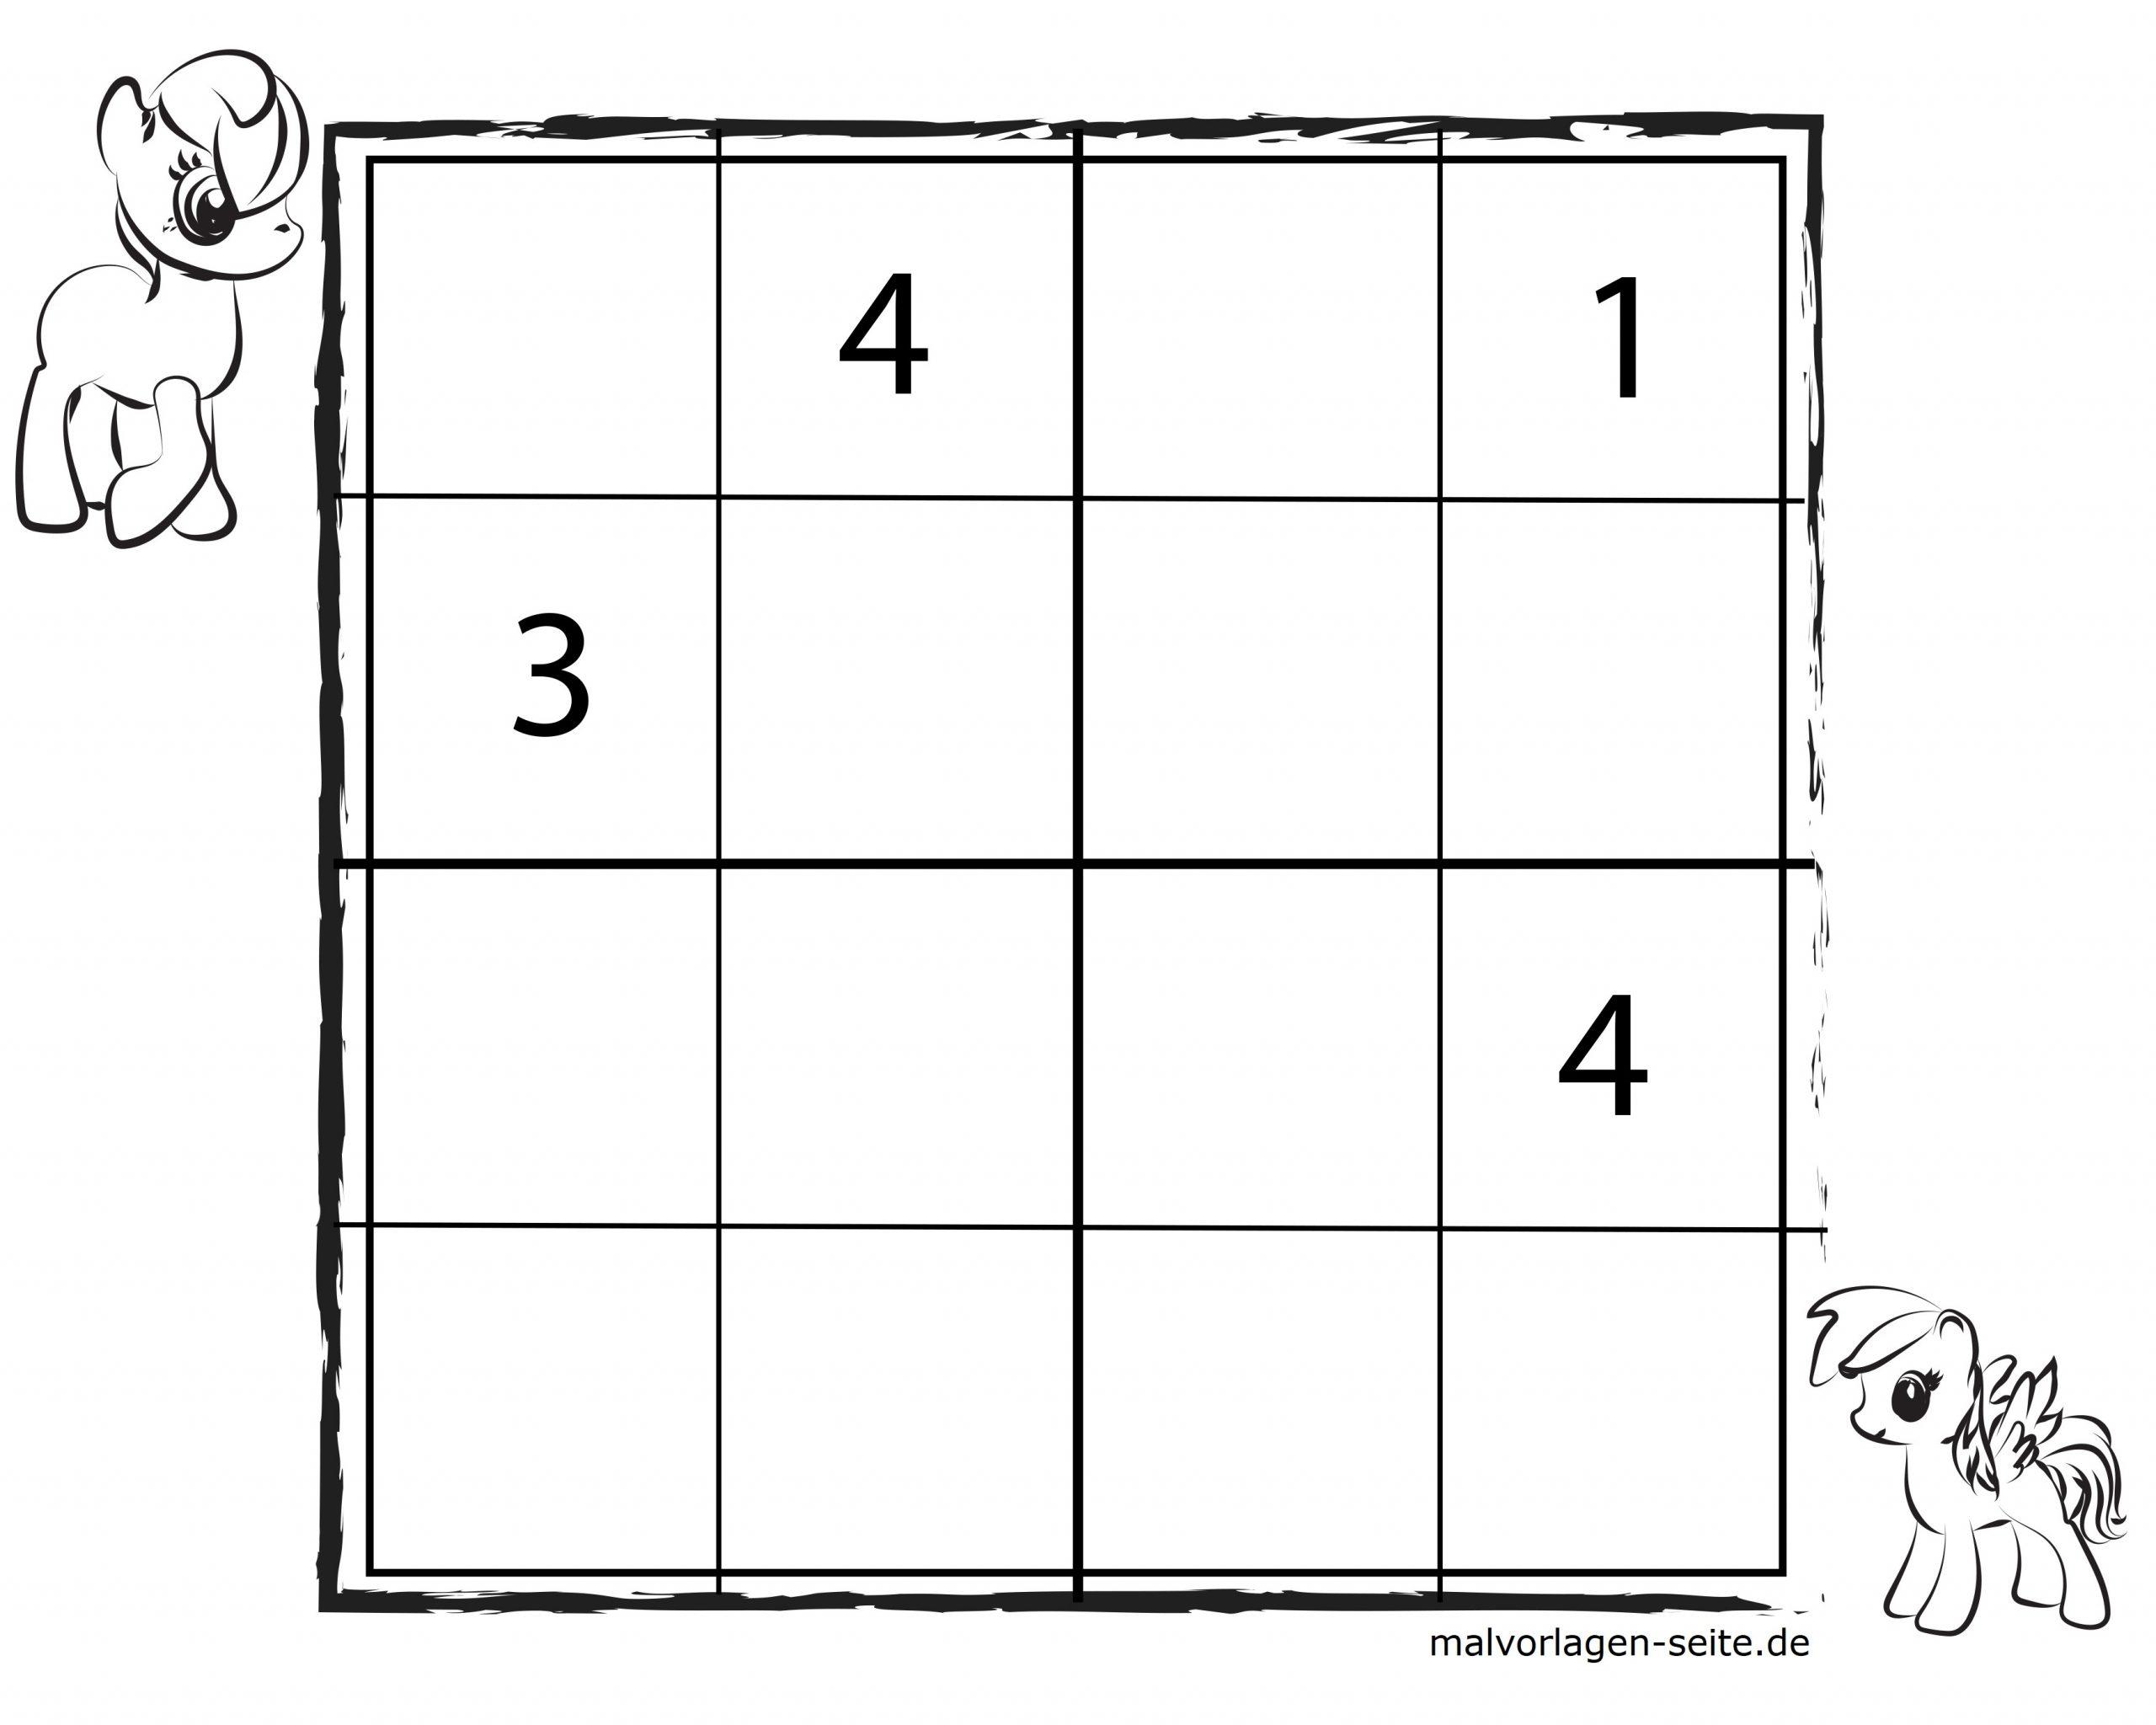 Sudoko Vorlagen Für Kinder 4X4 Kostenlos Herunderladen Und mit Sudoku Kostenlos Ausdrucken